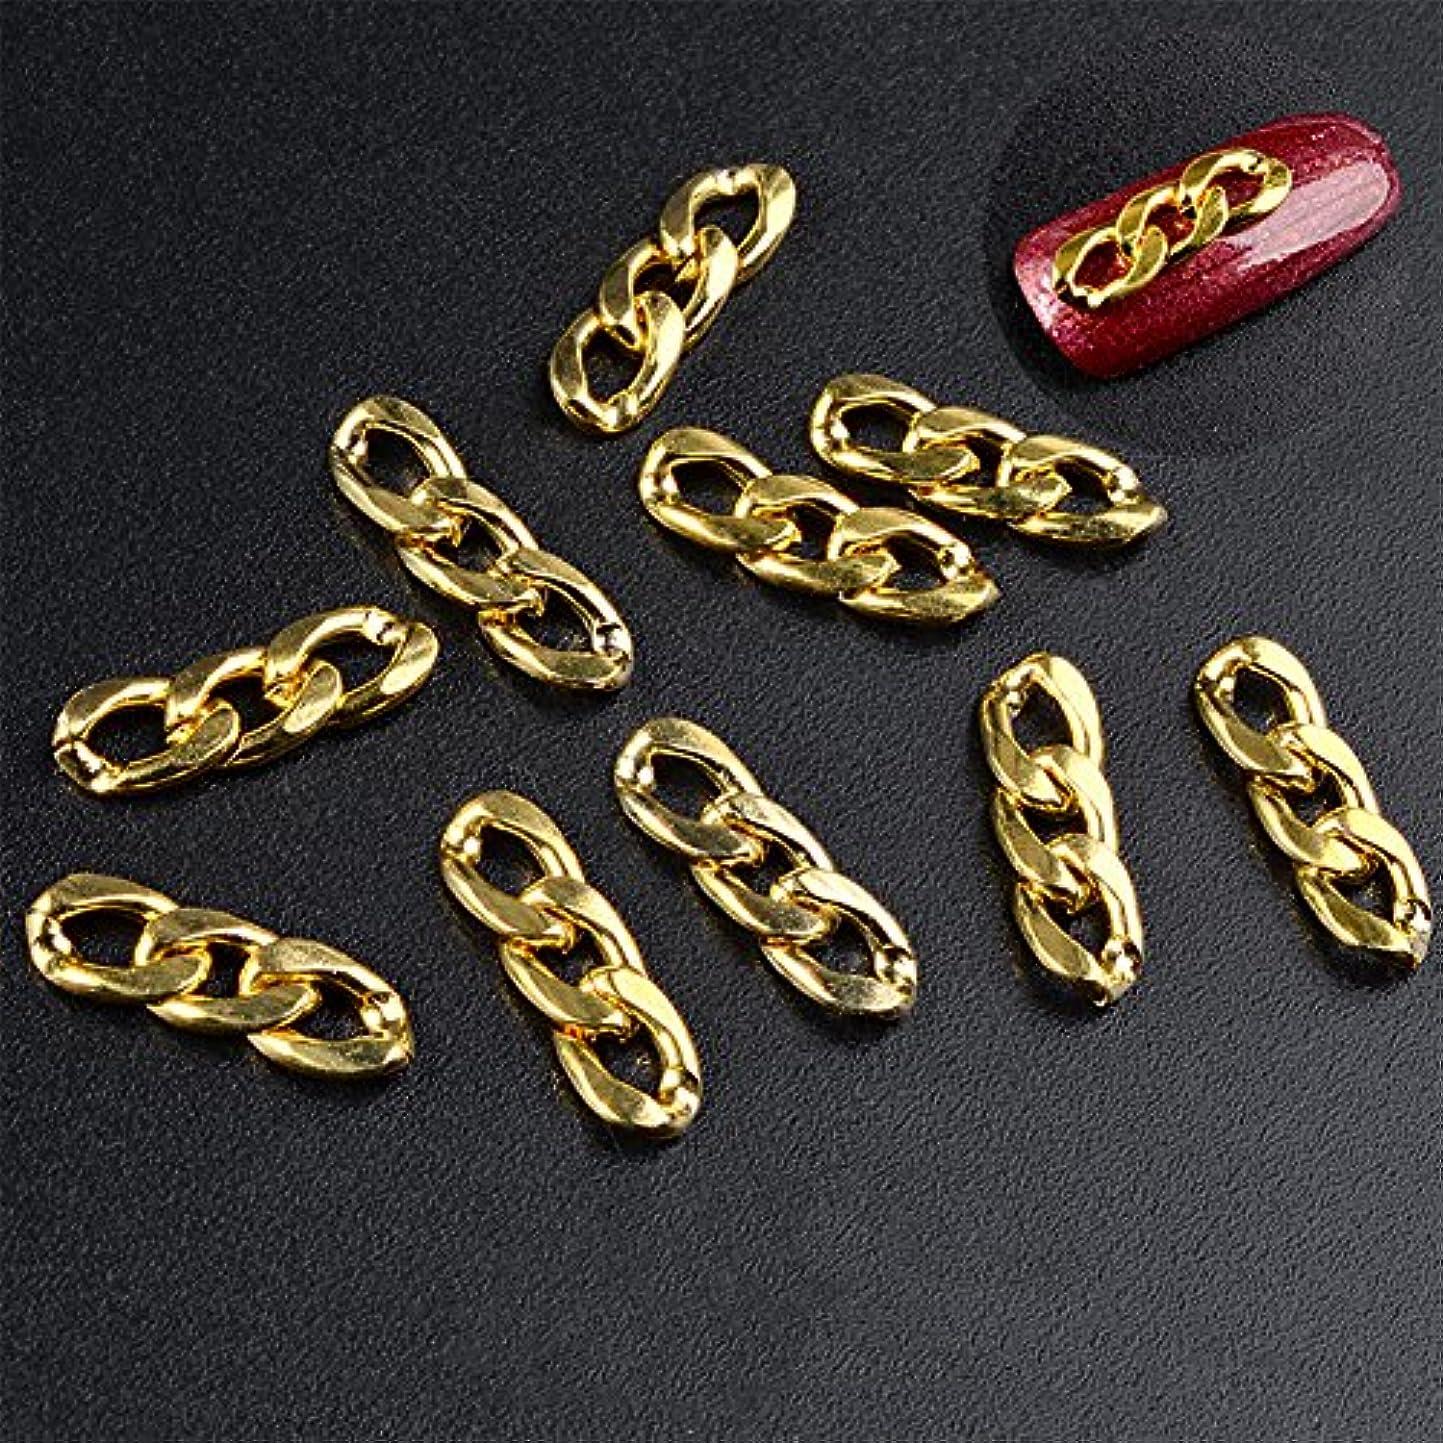 悲鳴半ば打ち上げるRabugoo 10PCSシャイニーネイルアートチェーンの装飾マニキュア供給 gold